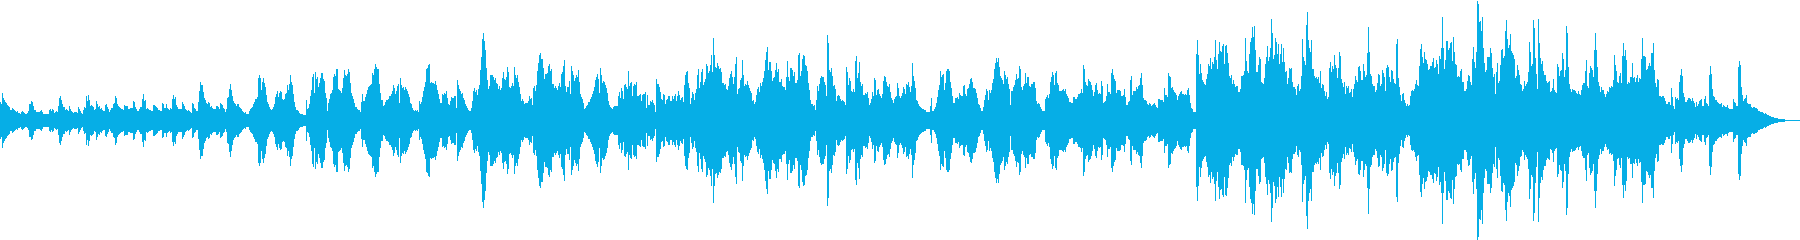 ケルト音楽風の落ち着いた3拍子 の再生済みの波形